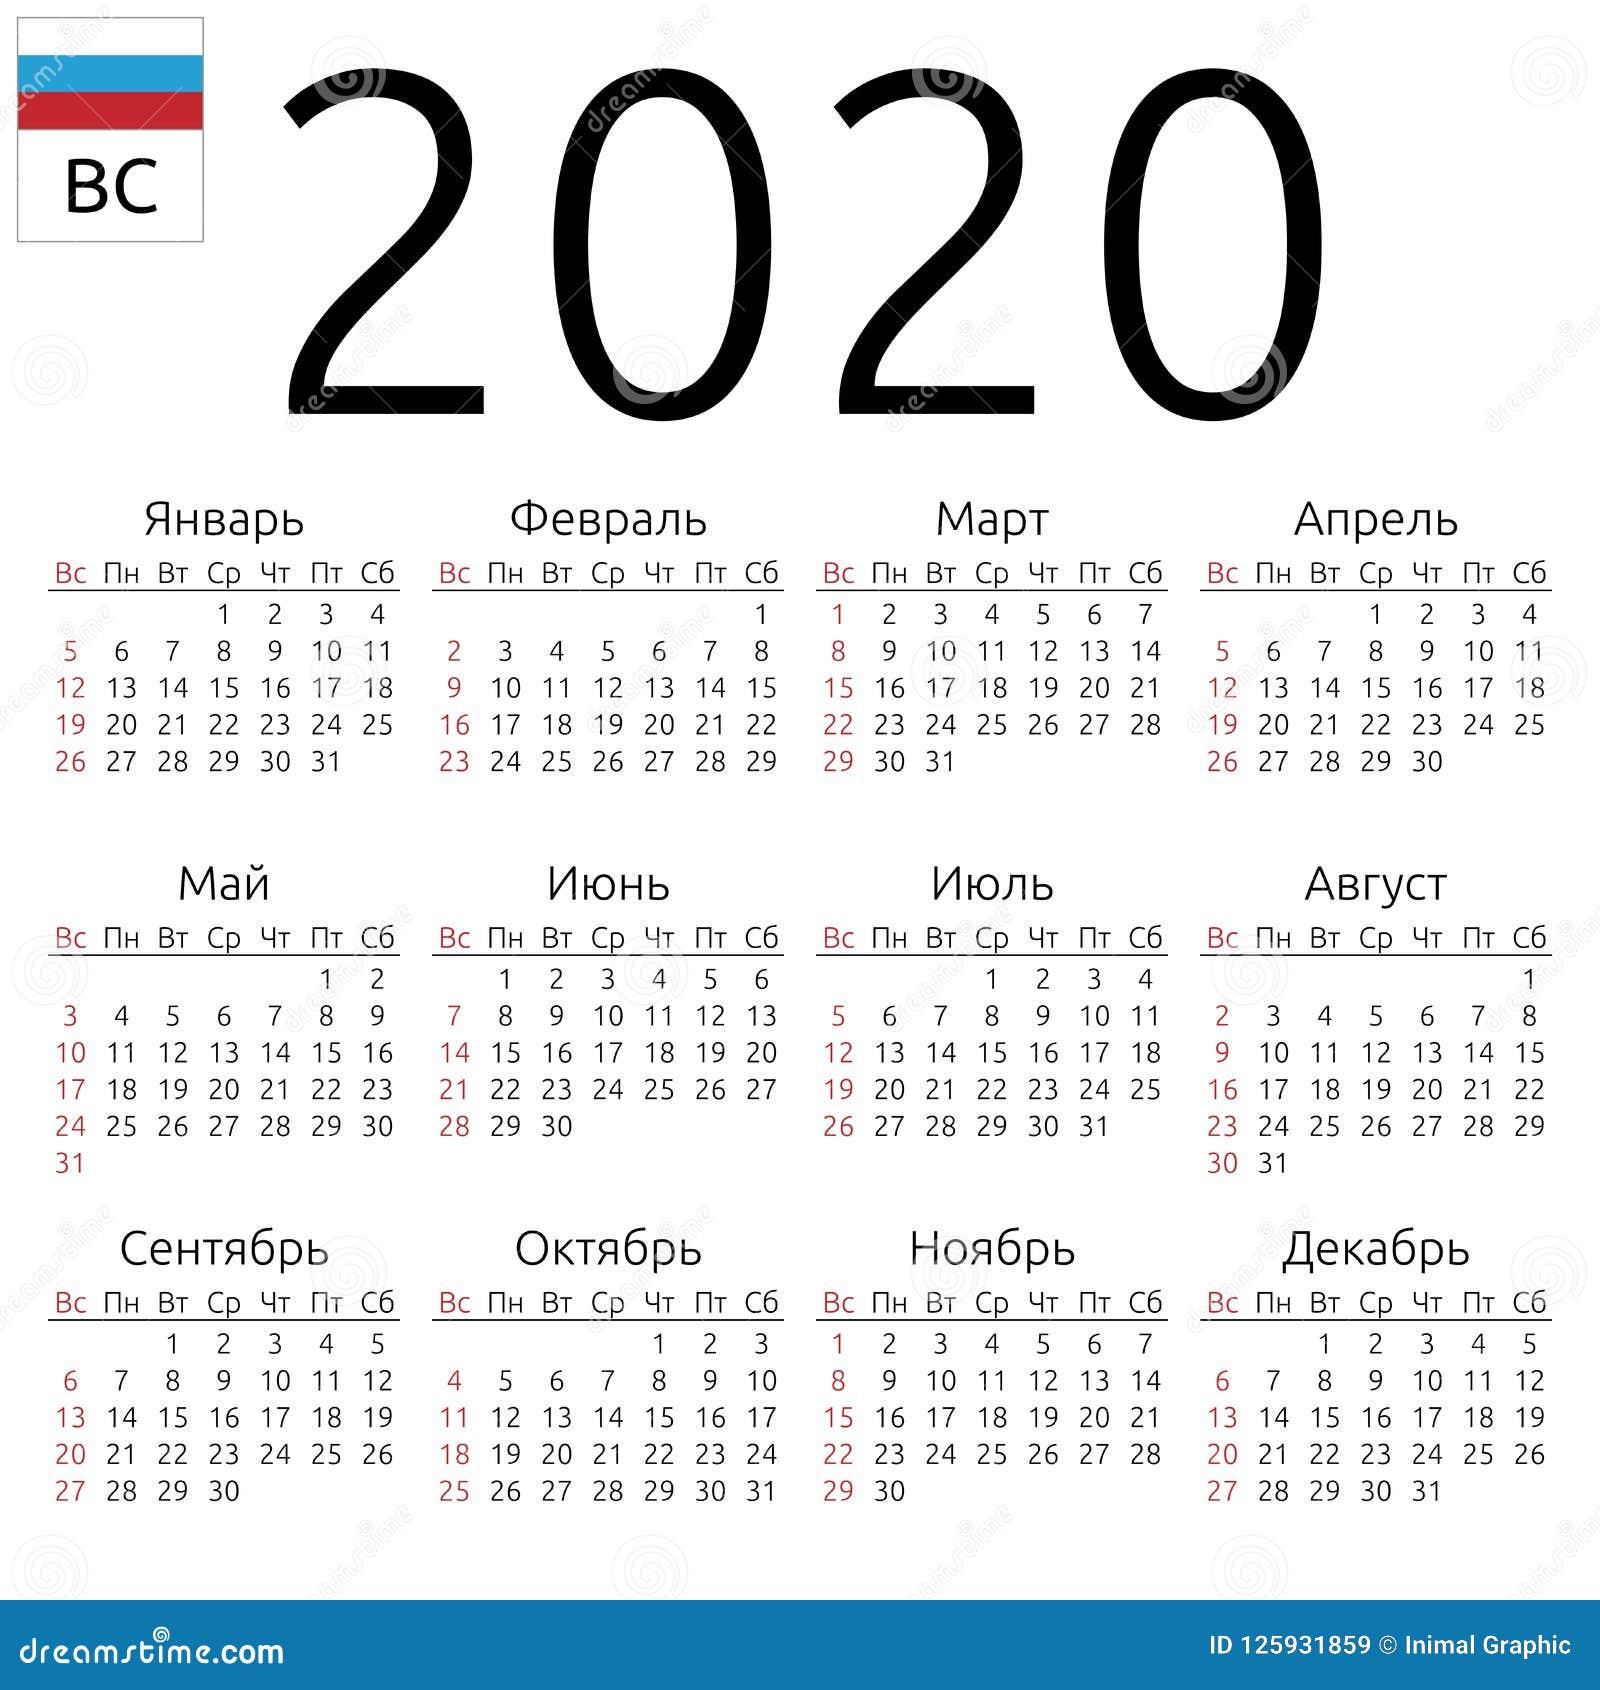 Settimane Calendario 2020.Calendario 2020 Russo Domenica Illustrazione Vettoriale